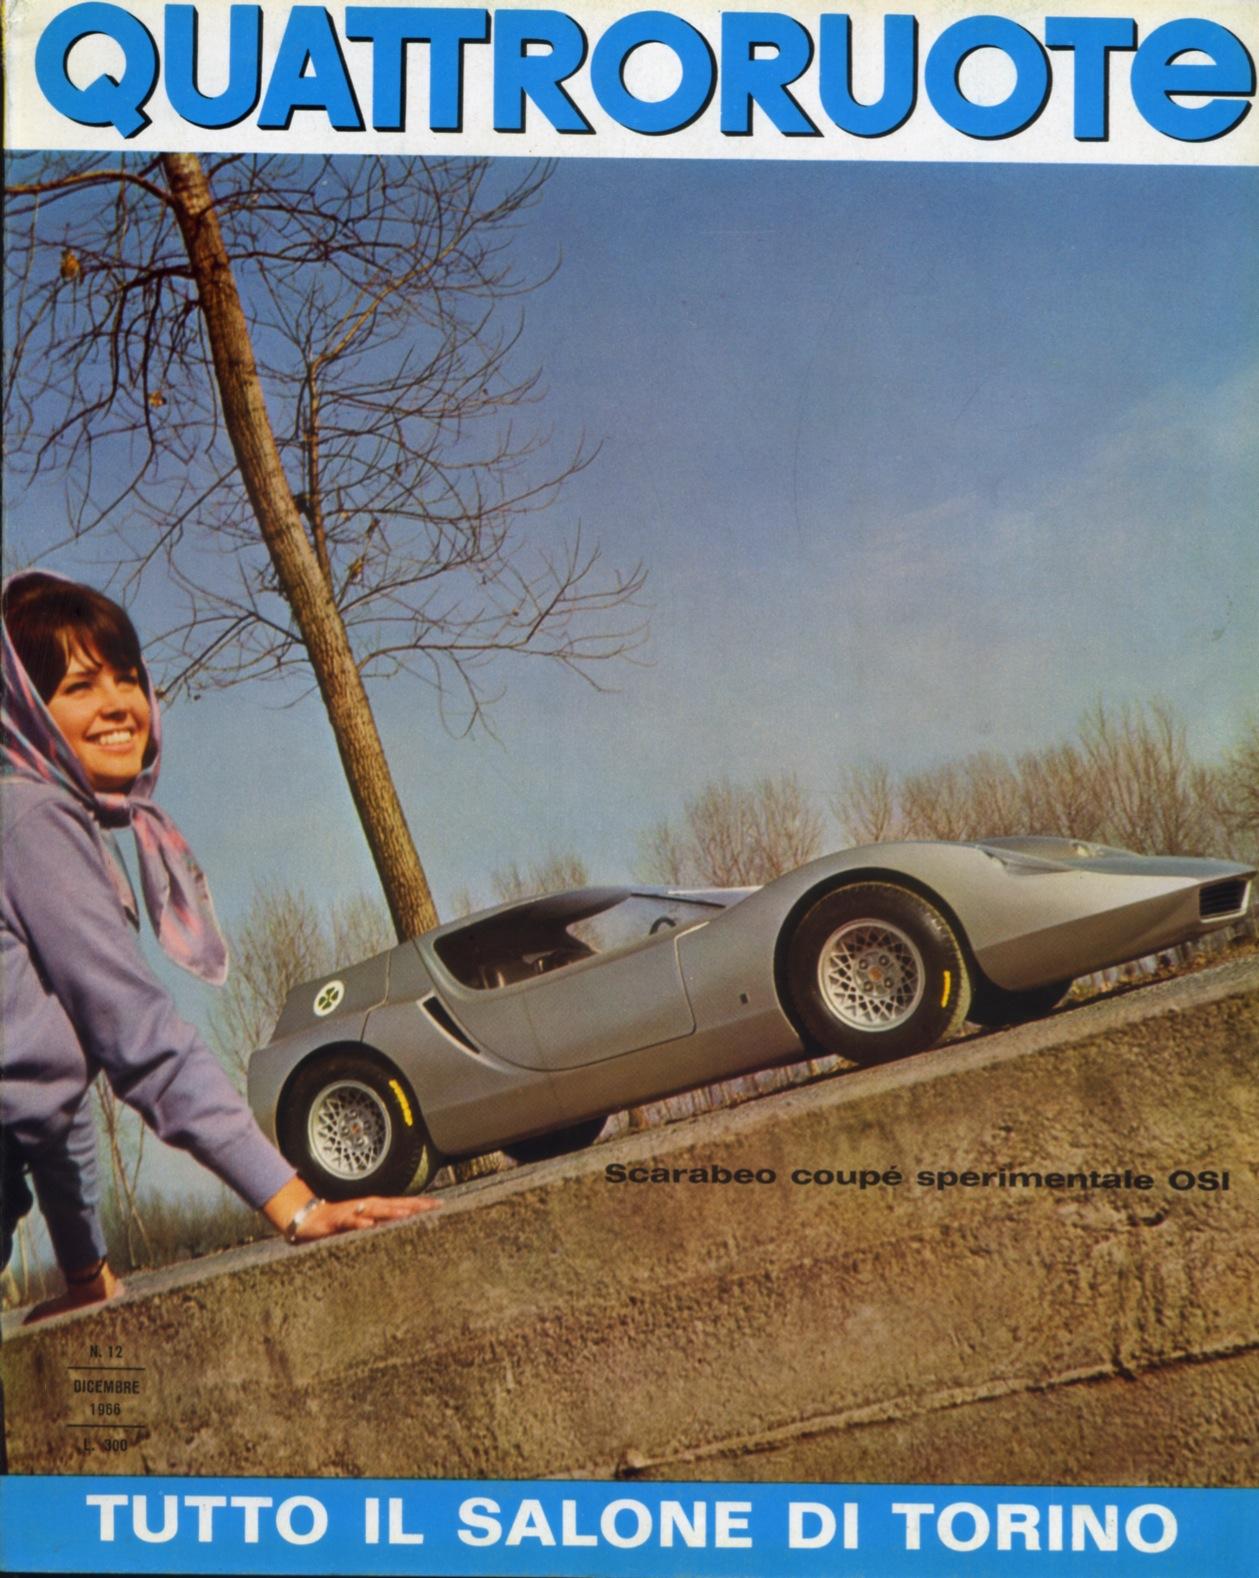 1966 quattrotuote copertina dicembre 1966 132